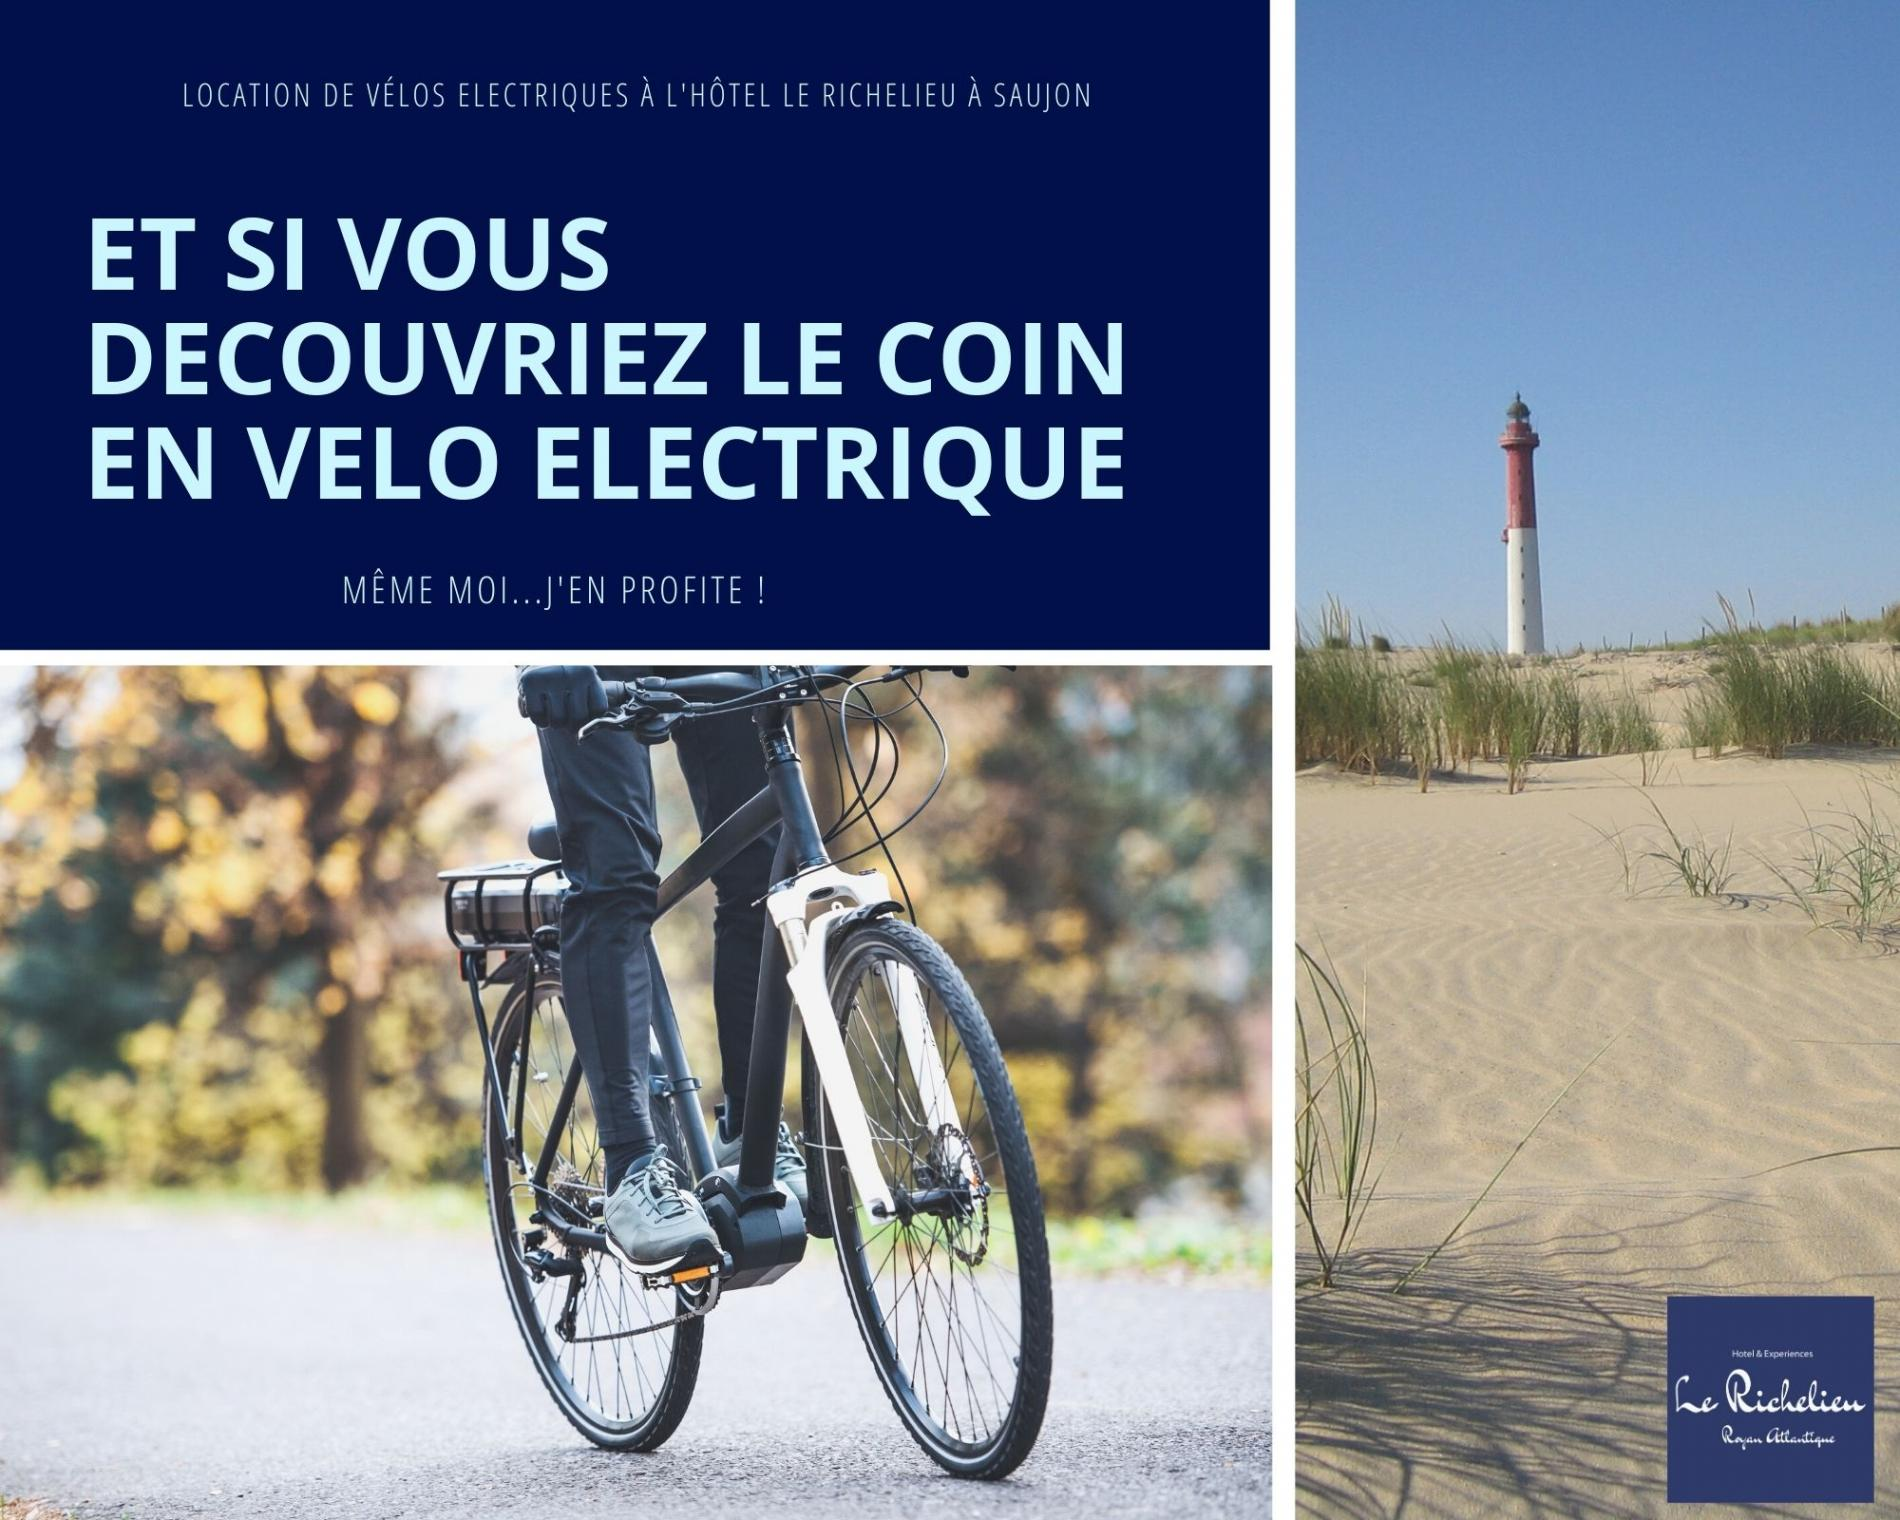 Location de vélos à assistance électrique à l'hôtel